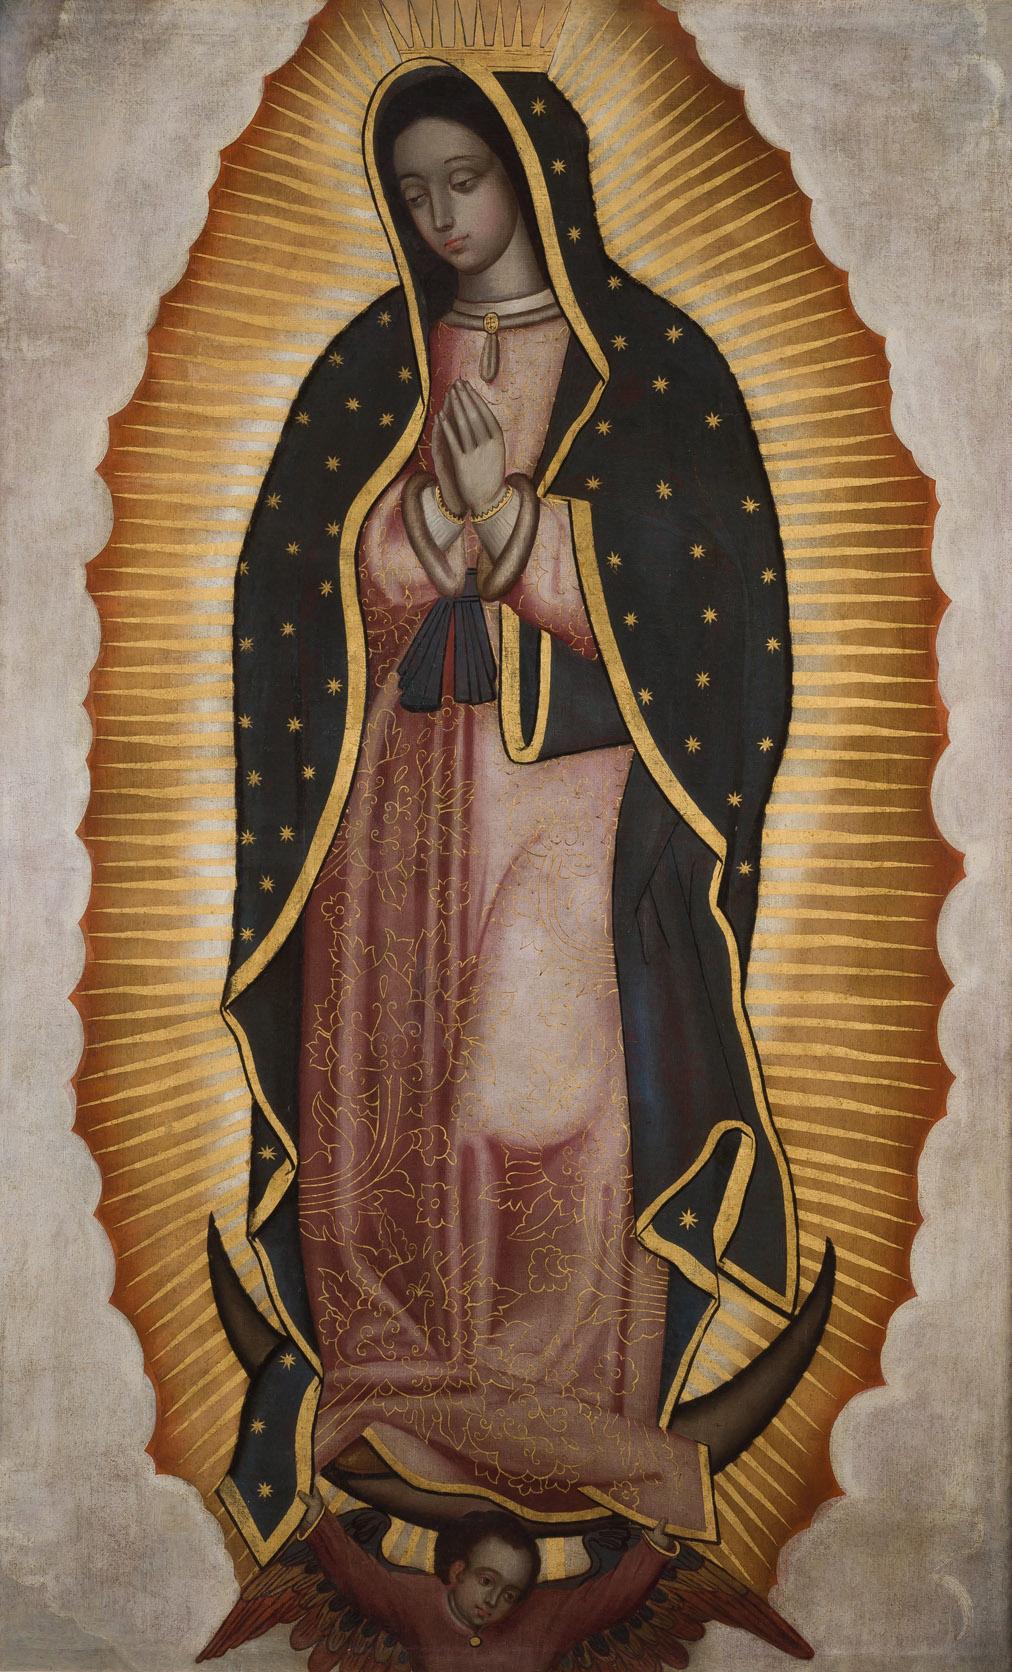 Atribuido a Juan de Correa. Virgen de Guadalupe. Salida: 6.600 euros. Remate: 10.000 euros